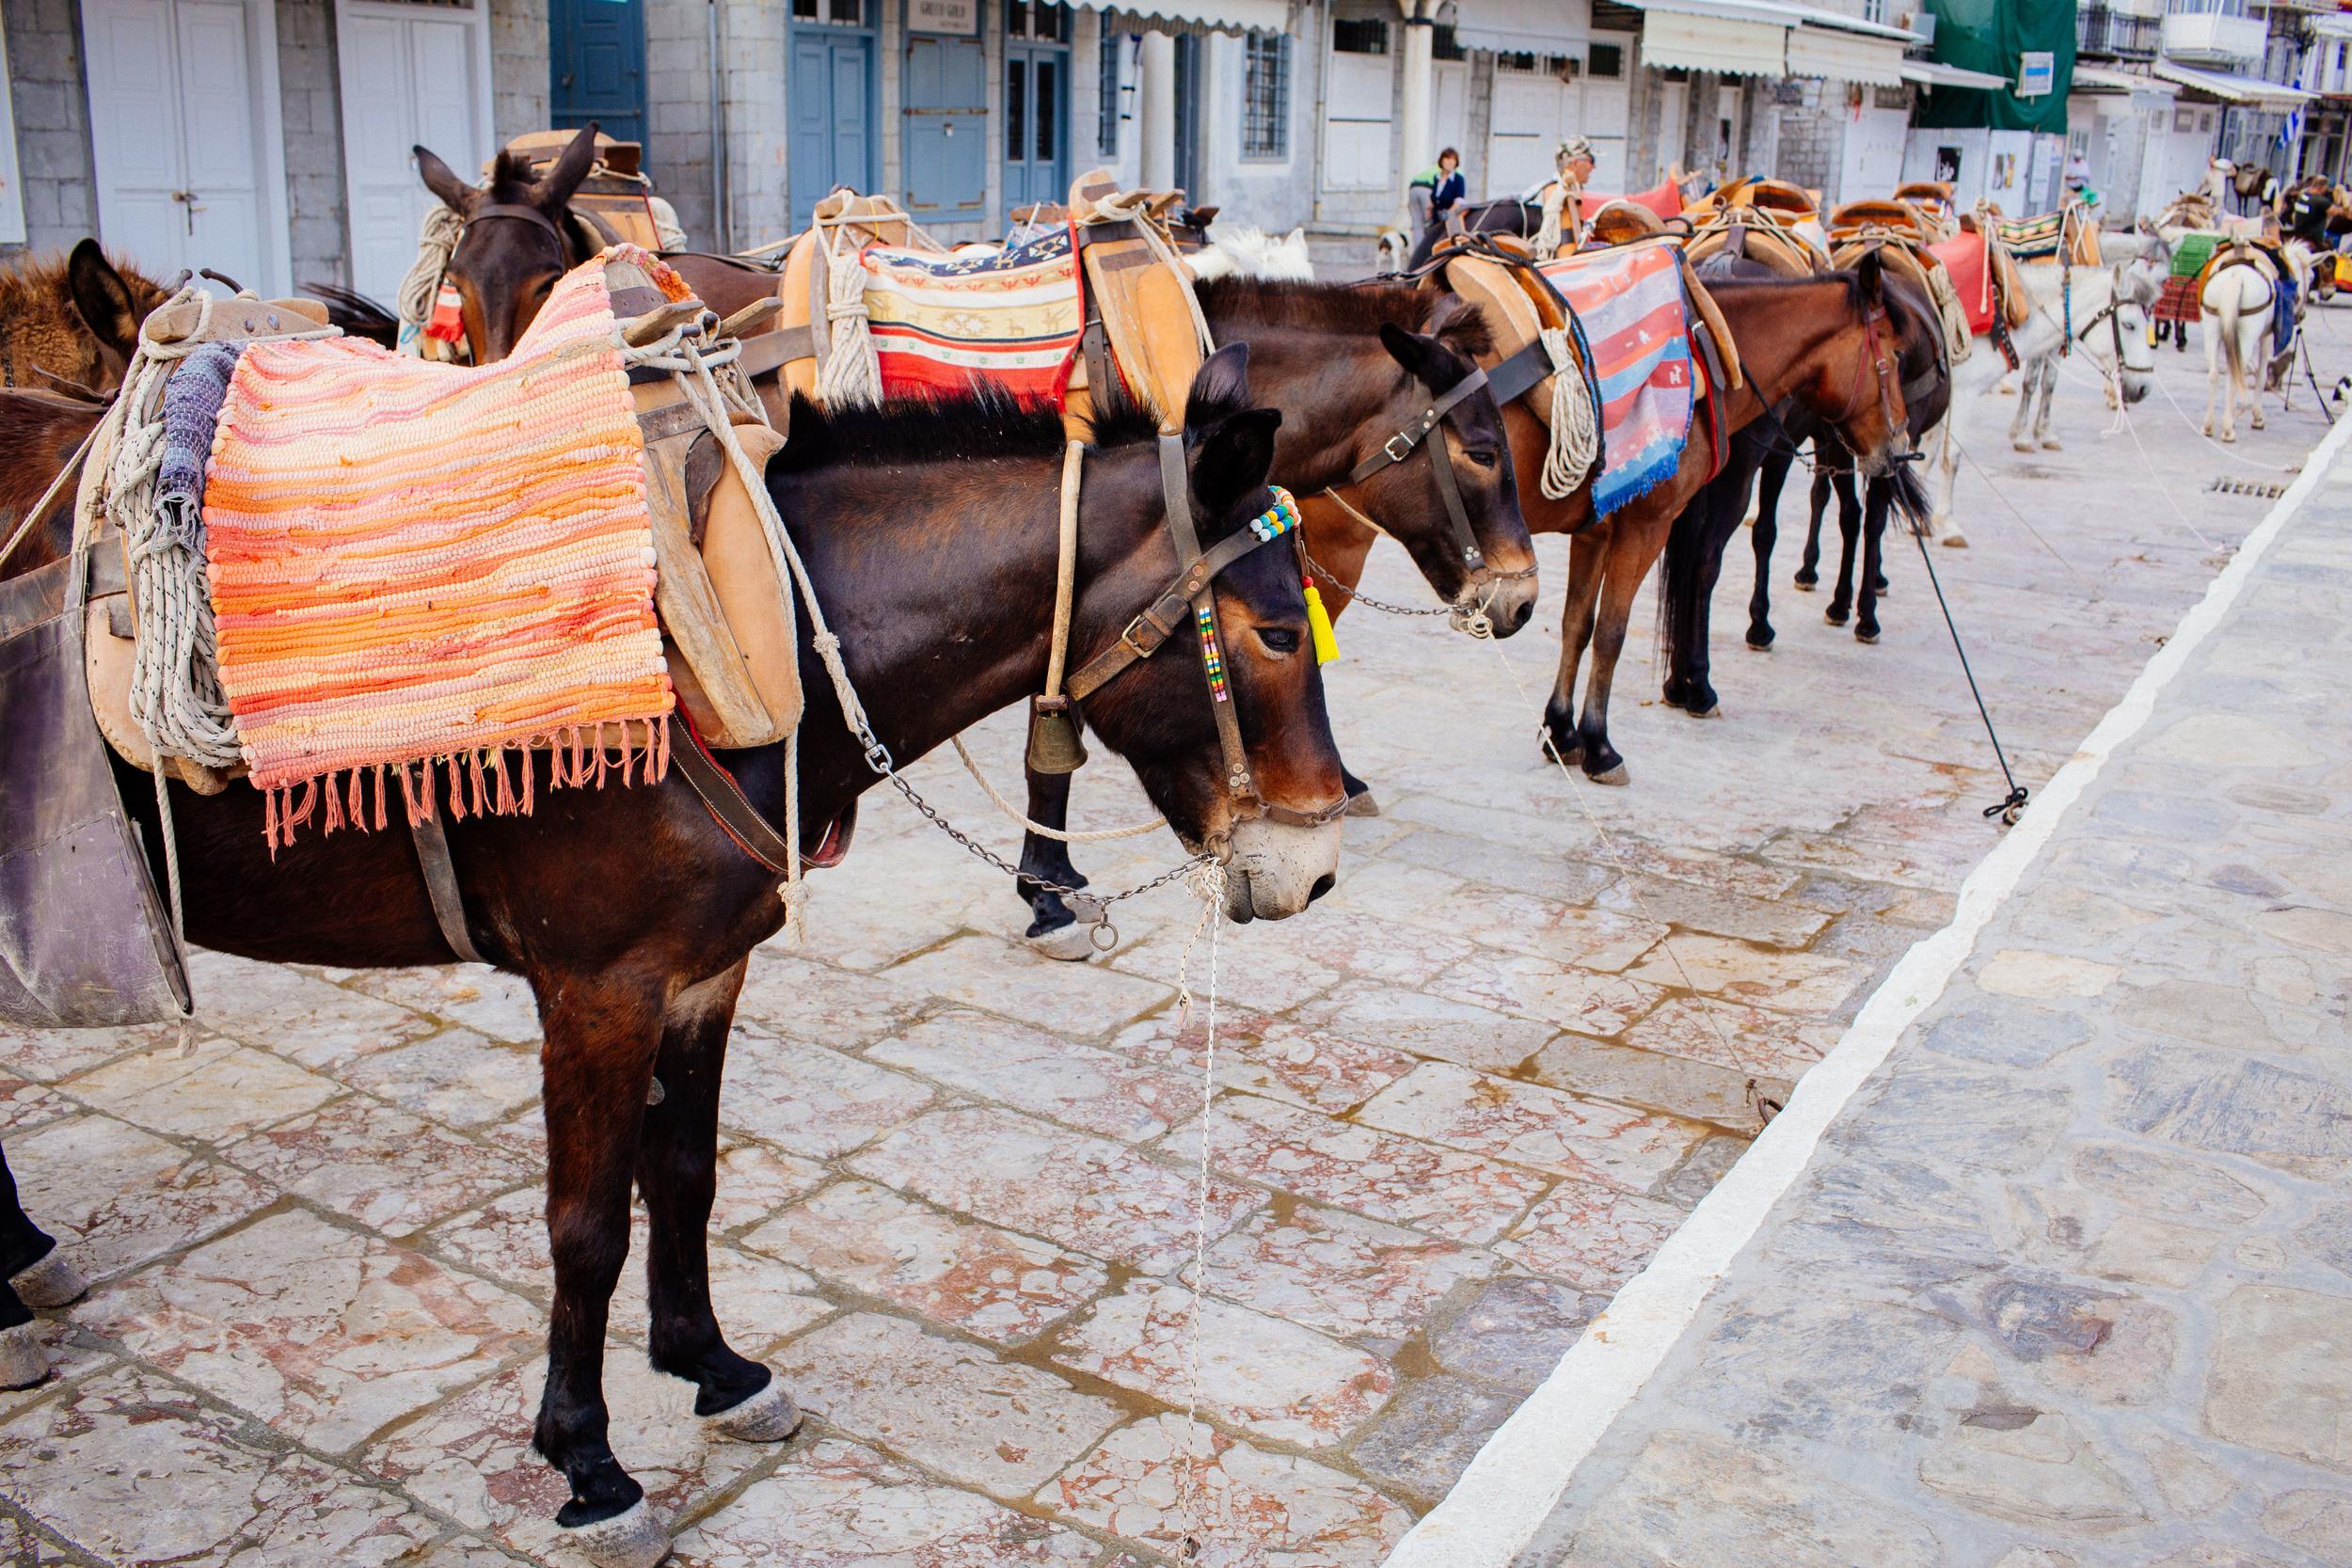 Greece_062015_emb-93.jpg